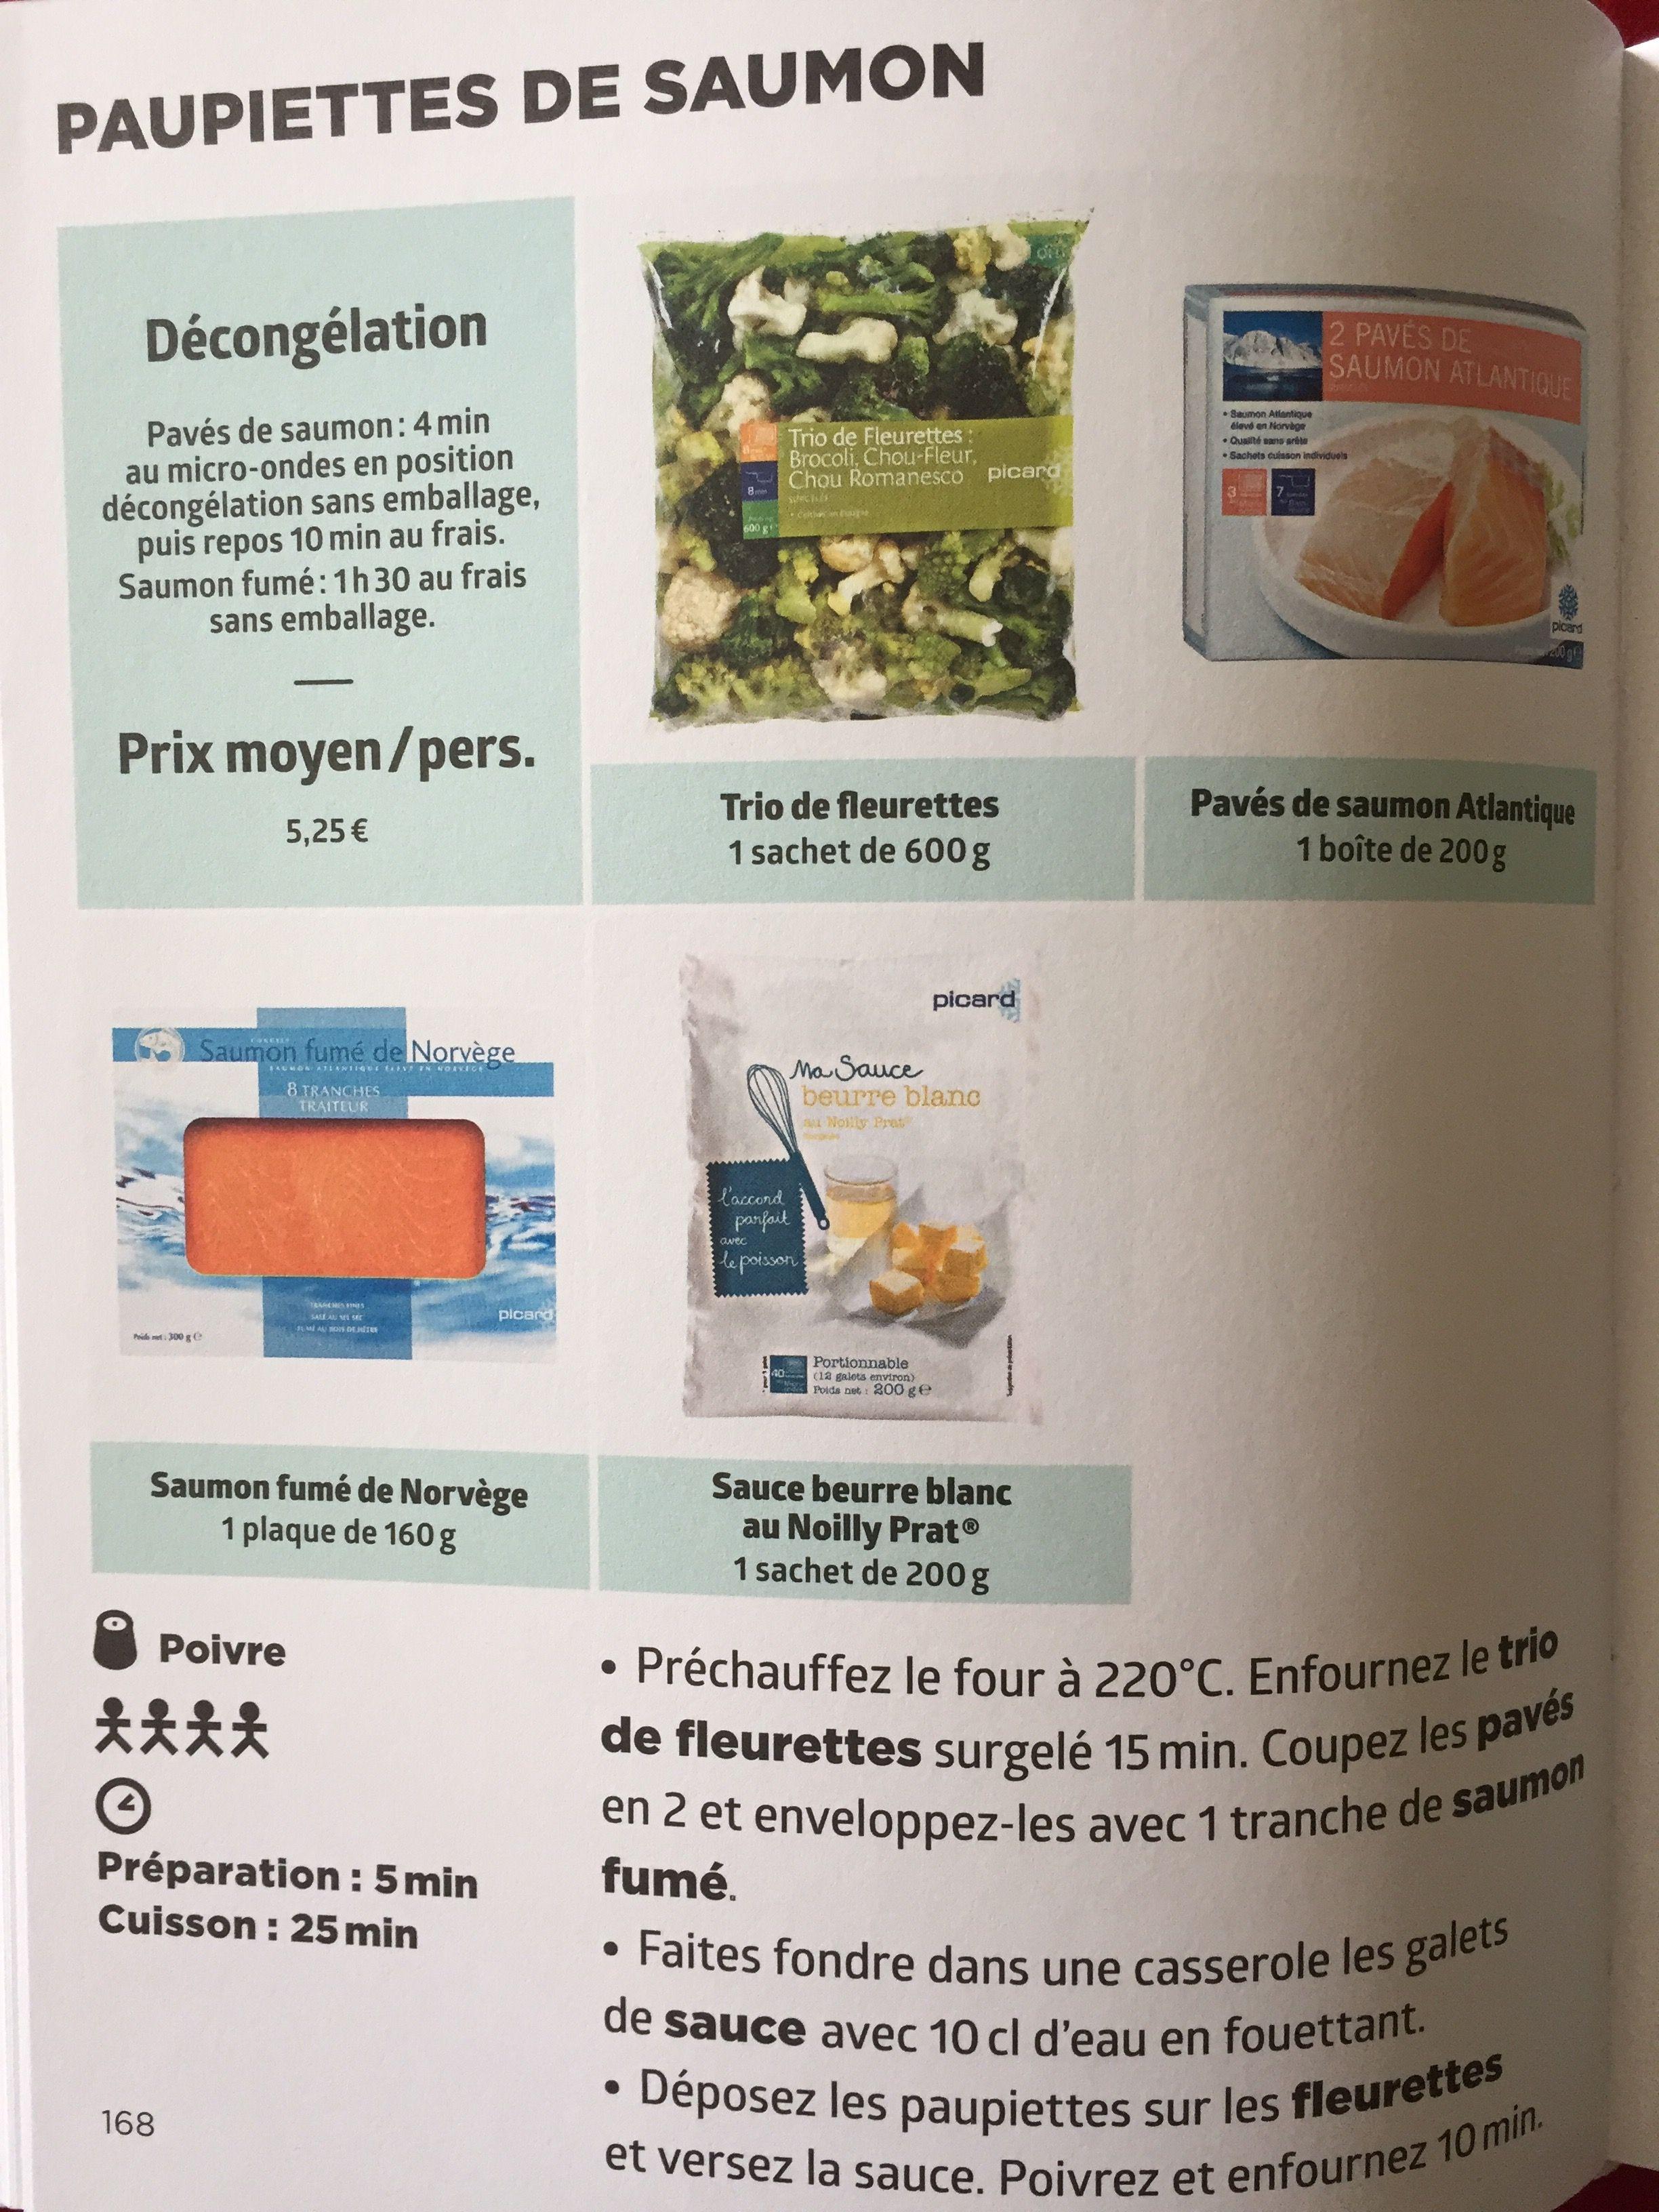 Paupiettes De Saumon Recettes De Cuisine Recette Picard Saumon Atlantique